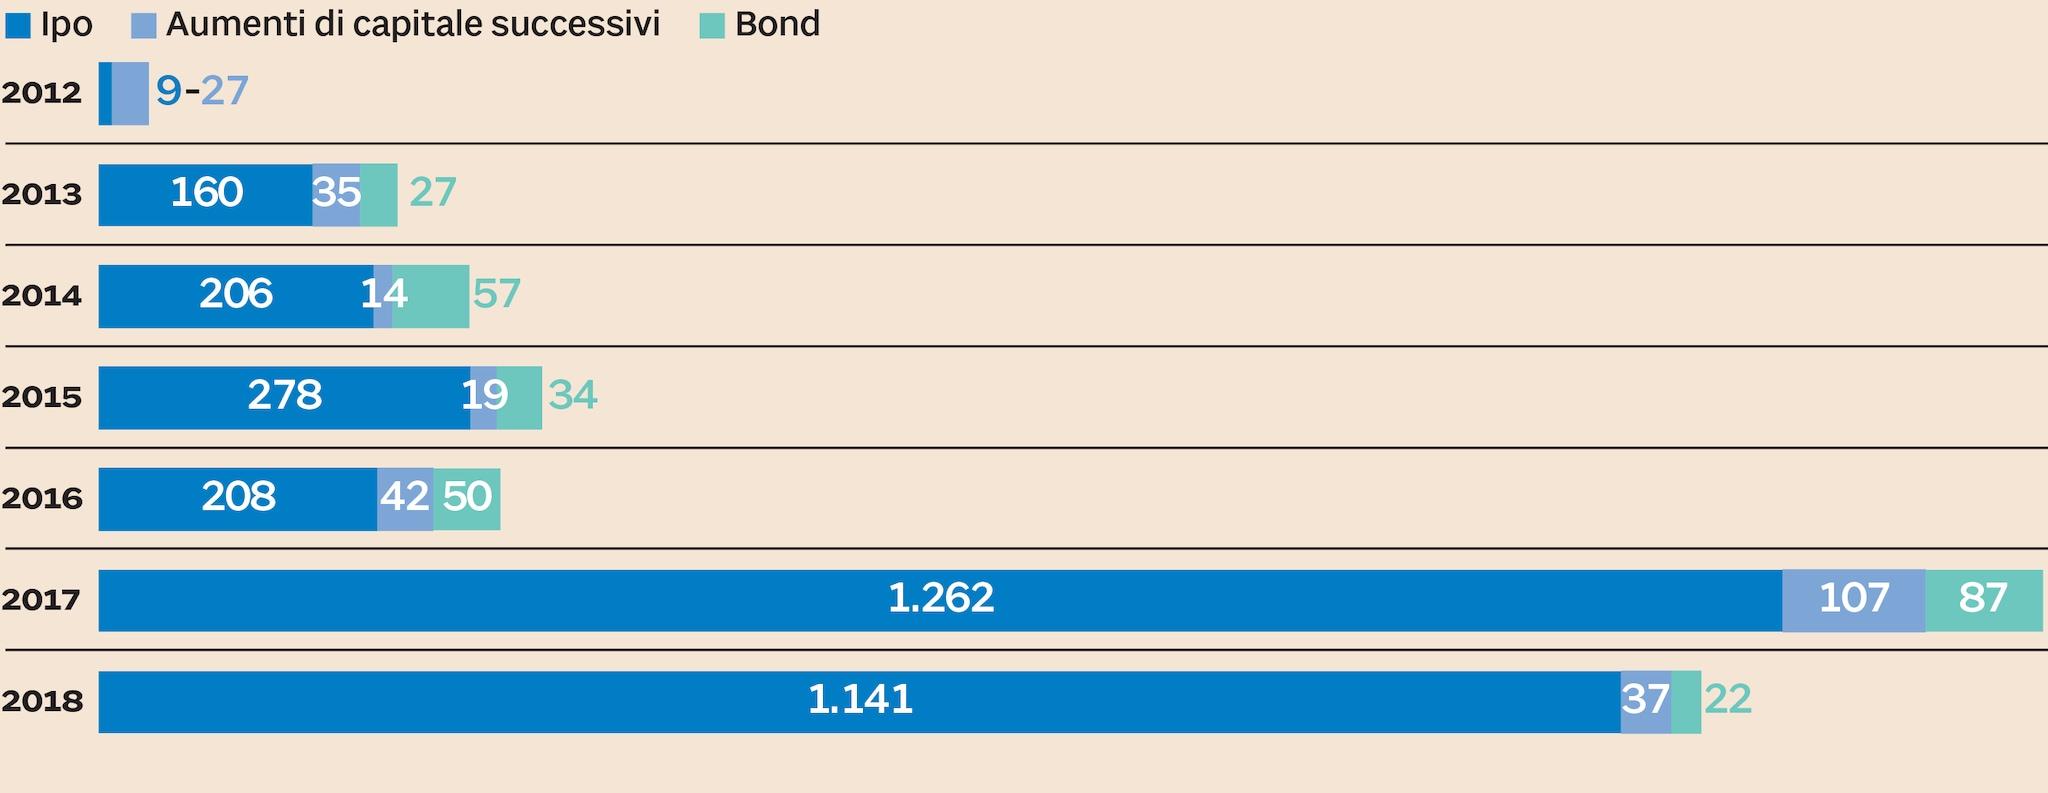 Borsa Italiana Calendario 2020.Aim Italia In Cinque Anni Mercato Triplicato Il Sole 24 Ore